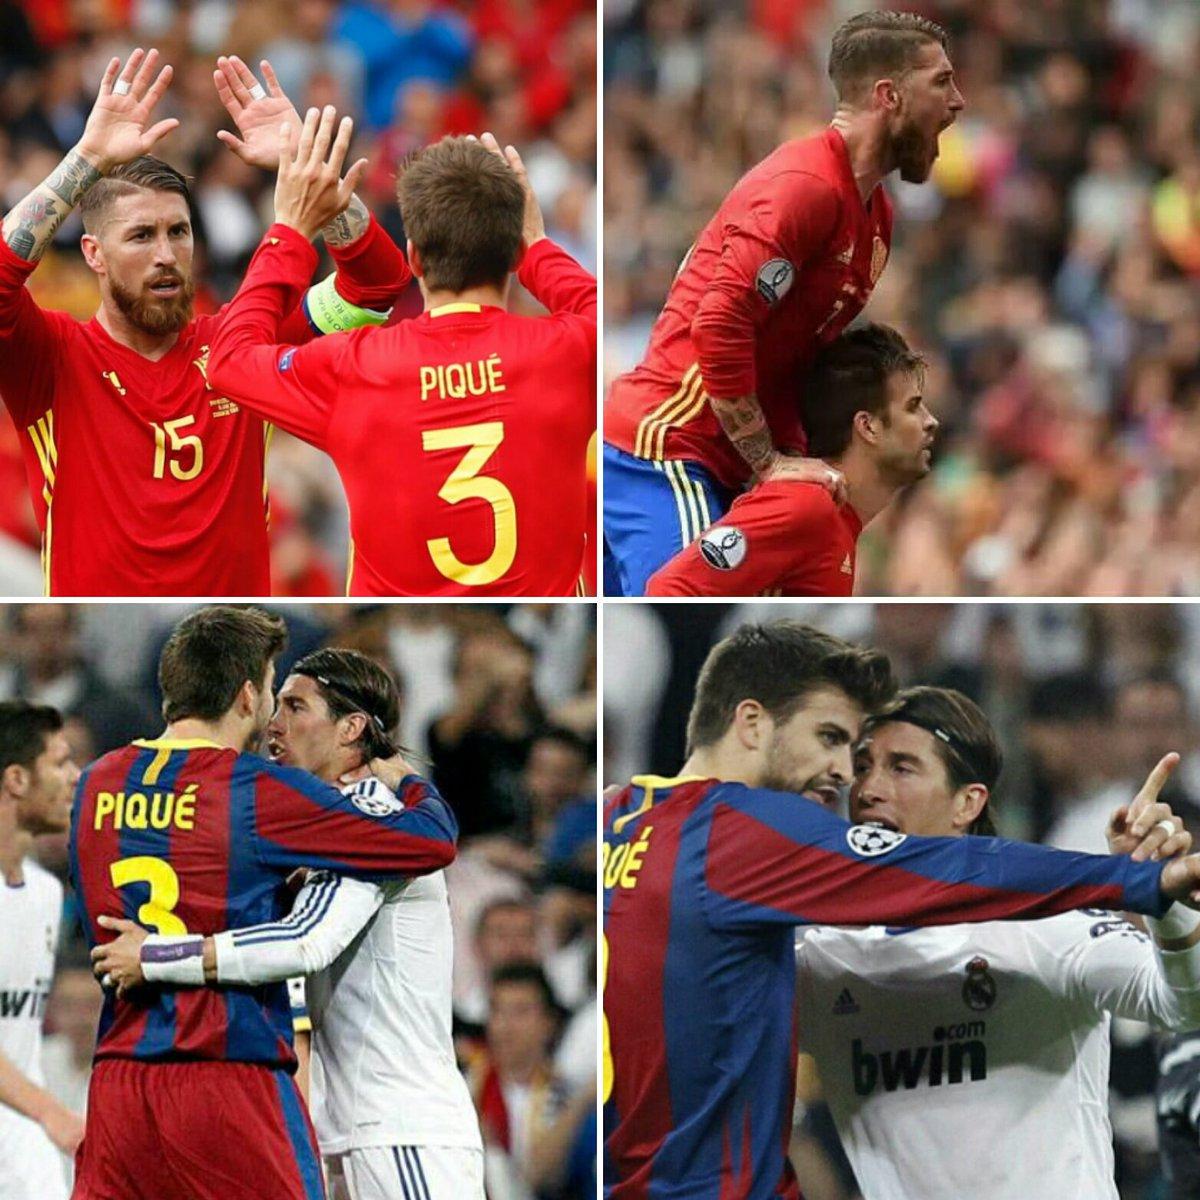 hành động đẹp của Pique với Ramos - Bóng Đá